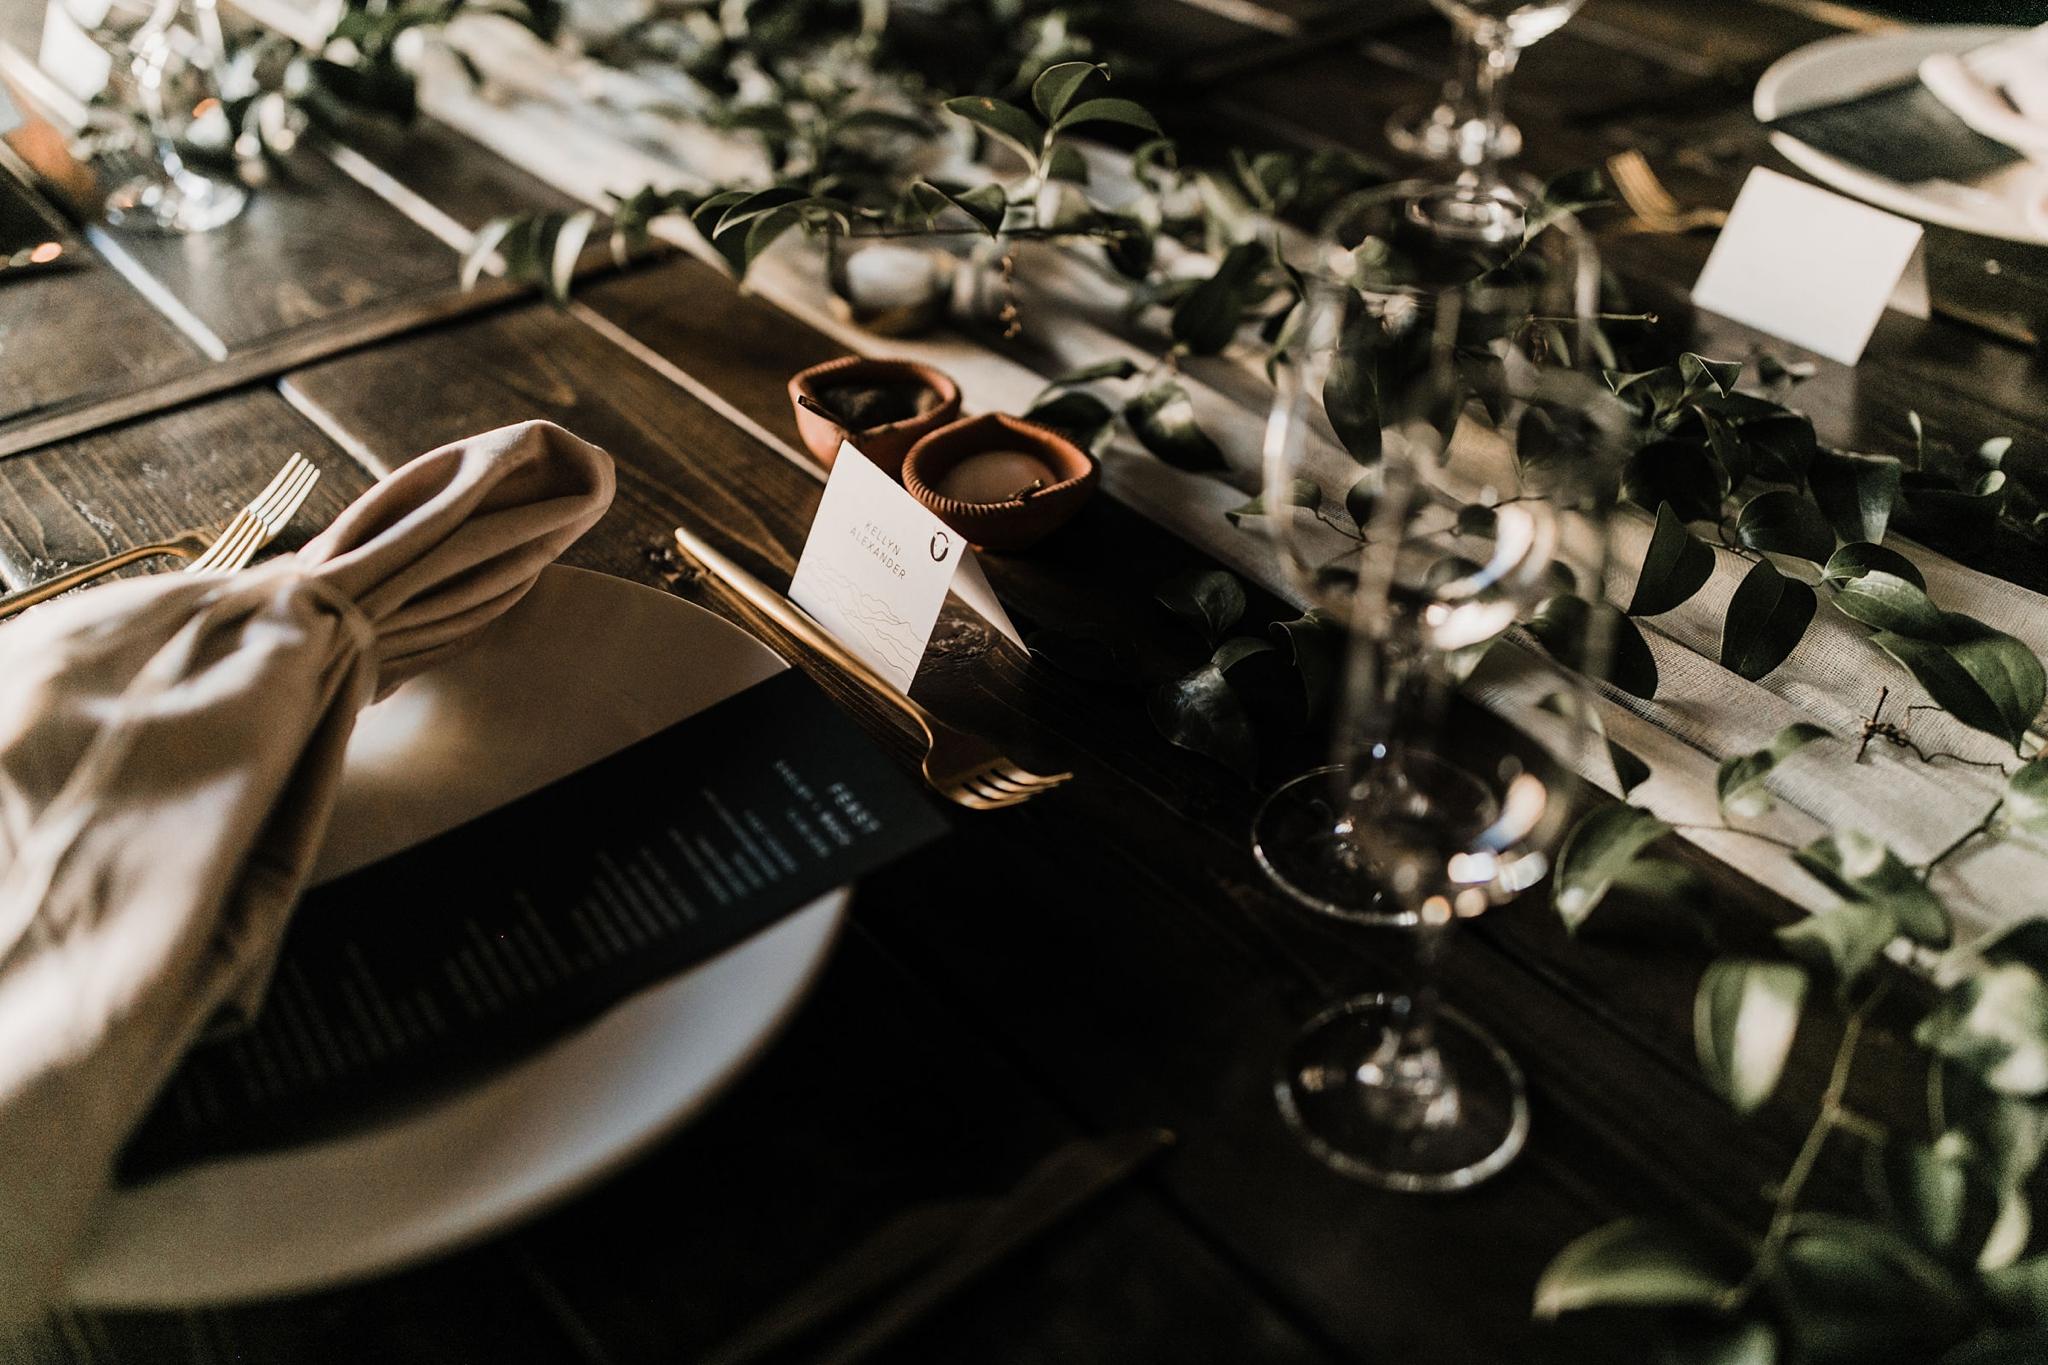 Alicia+lucia+photography+-+albuquerque+wedding+photographer+-+santa+fe+wedding+photography+-+new+mexico+wedding+photographer+-+new+mexico+wedding+-+wedding+-+winter+wedding+-+wedding+reception+-+winter+wedding+reception_0005.jpg